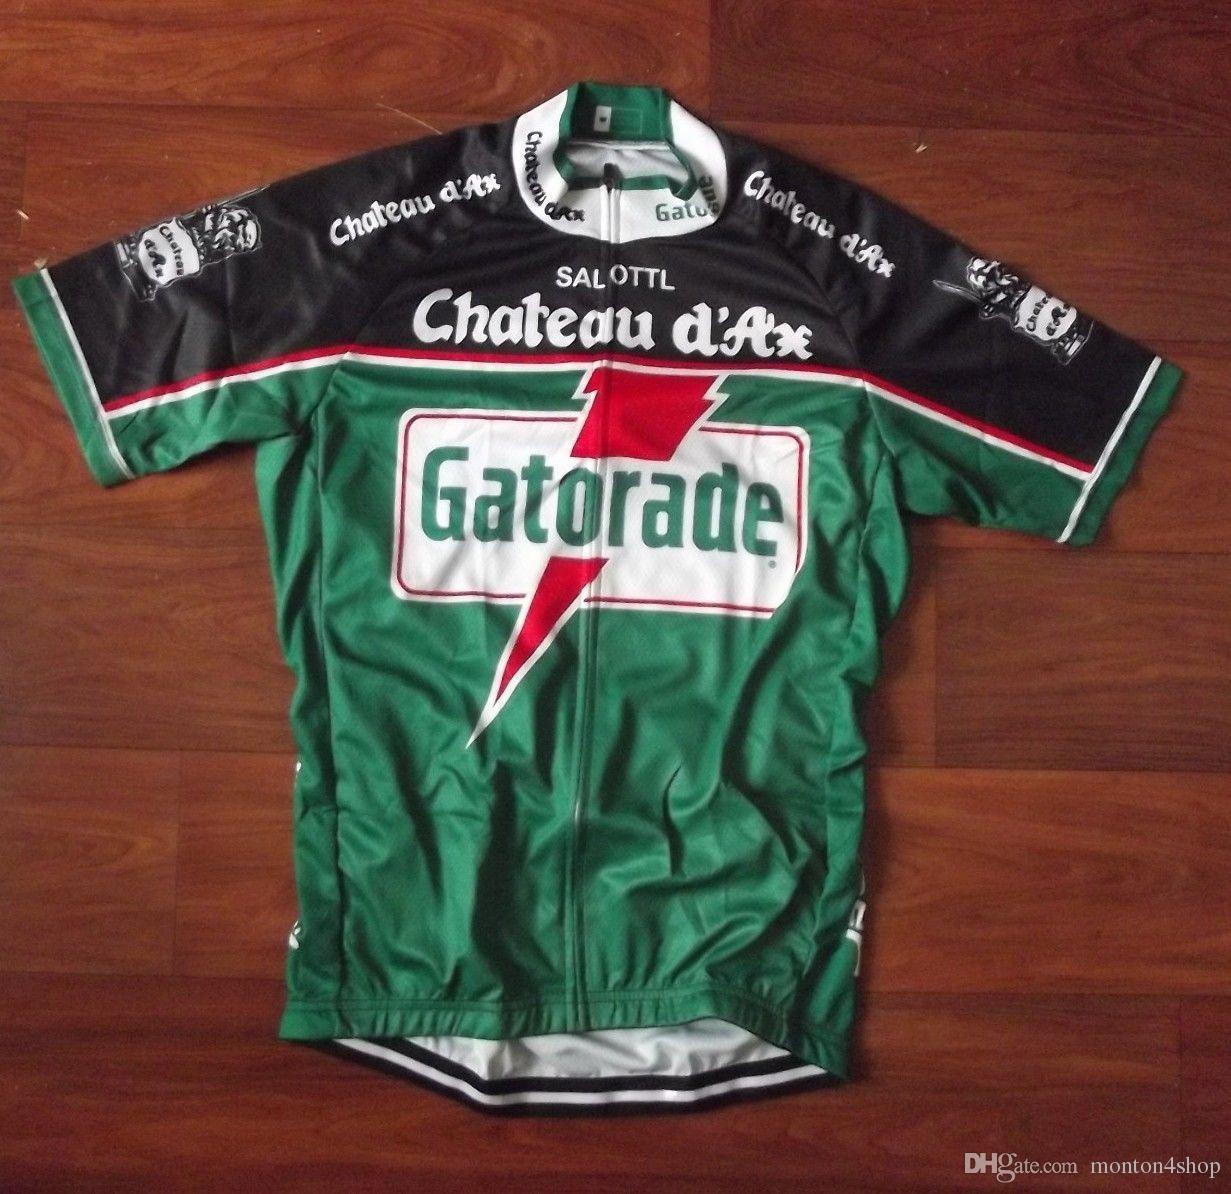 Château d'ax Gatorade رجل فريق روبا ciclismo الدراجات الملابس / mtb دراجة الملابس / دراجة الملابس / 2019 الدراجات موحدة الدراجات الفانيلة a59